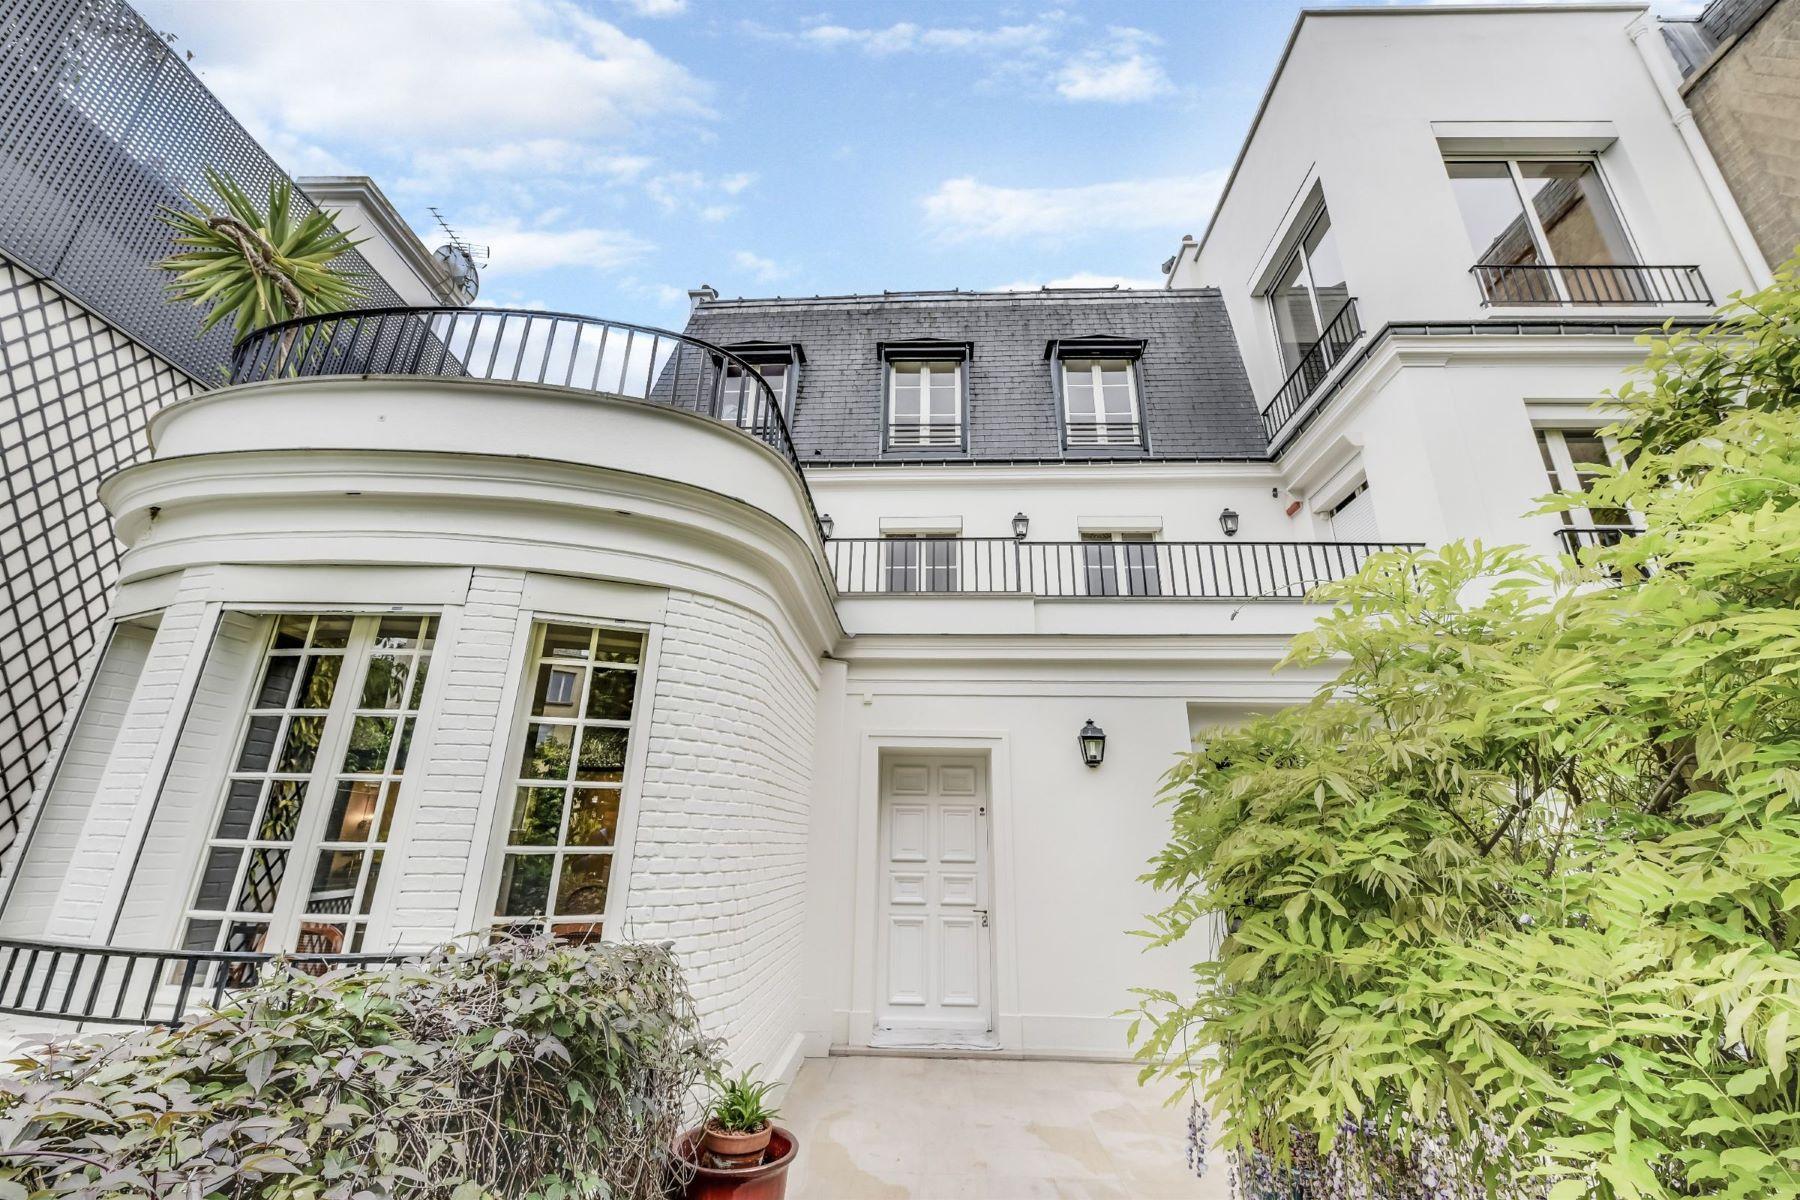 Maison unifamiliale pour l Vente à For sale Private Mansion in Paris 16 - Villa Montmorency Paris, Île-De-France, 75016 France